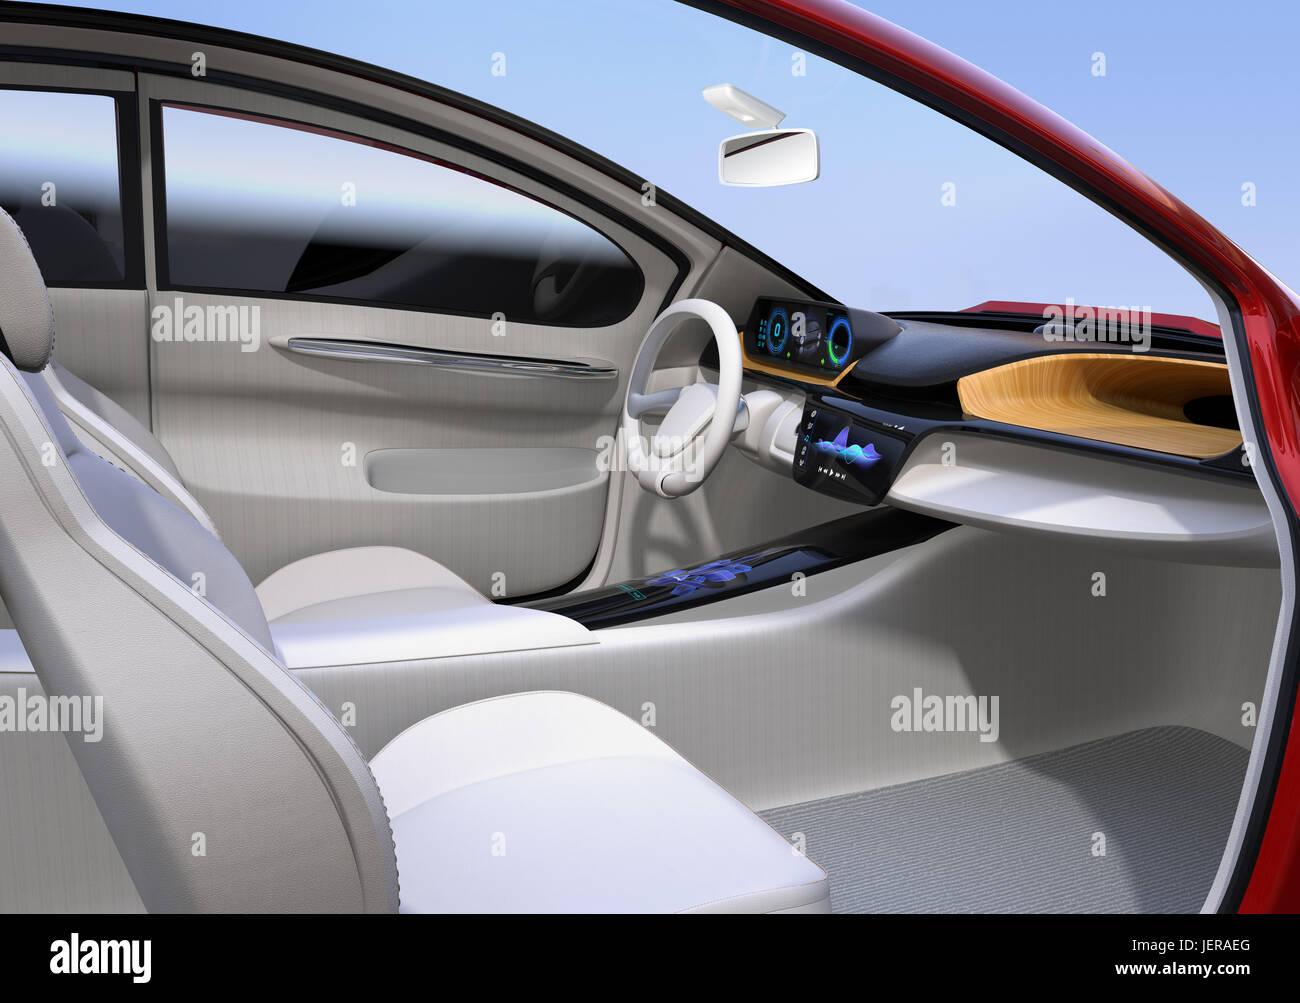 3d Car Interior Stockfotos & 3d Car Interior Bilder - Seite 2 - Alamy